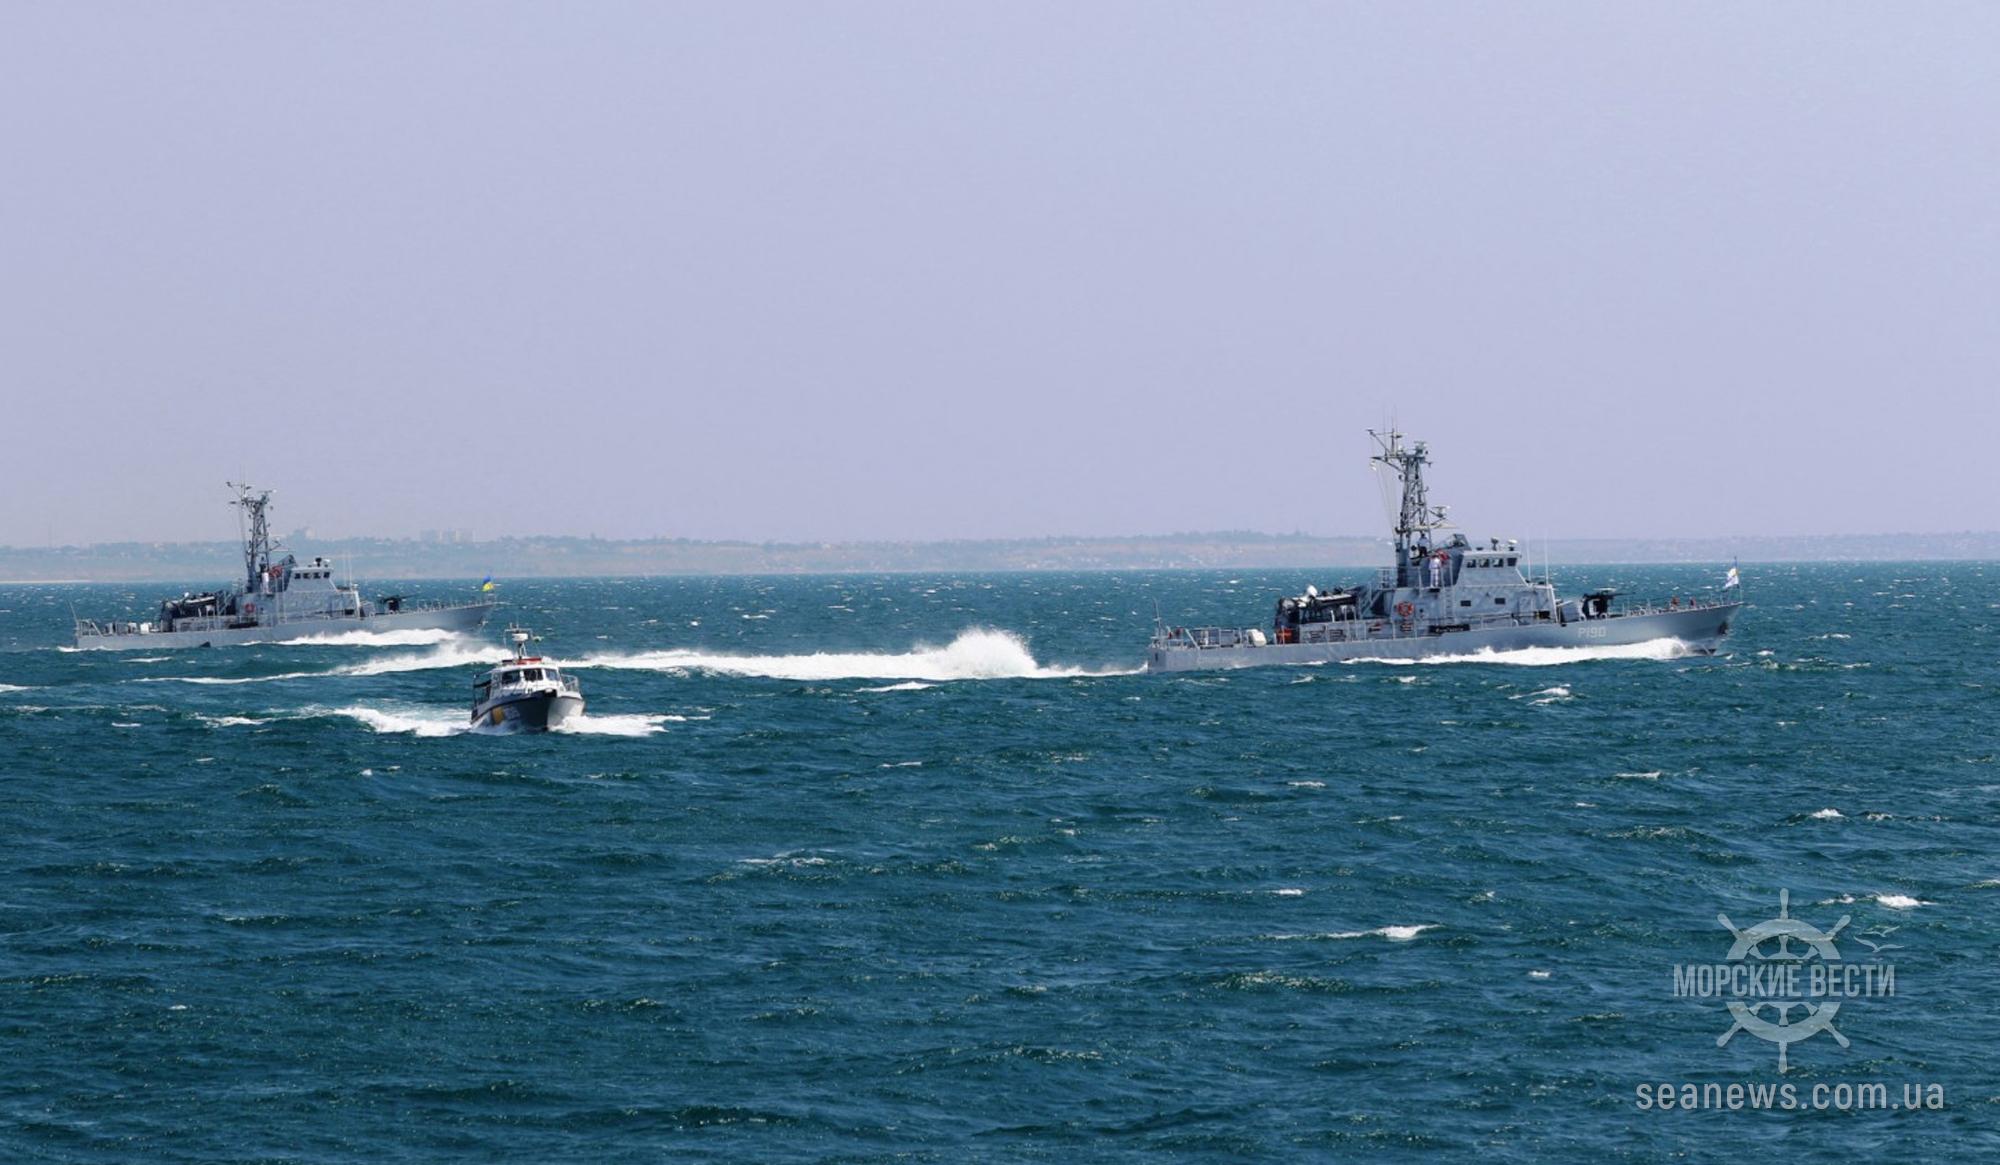 Экипажи ВМС Украины пройдут 10-недельную подготовку в США